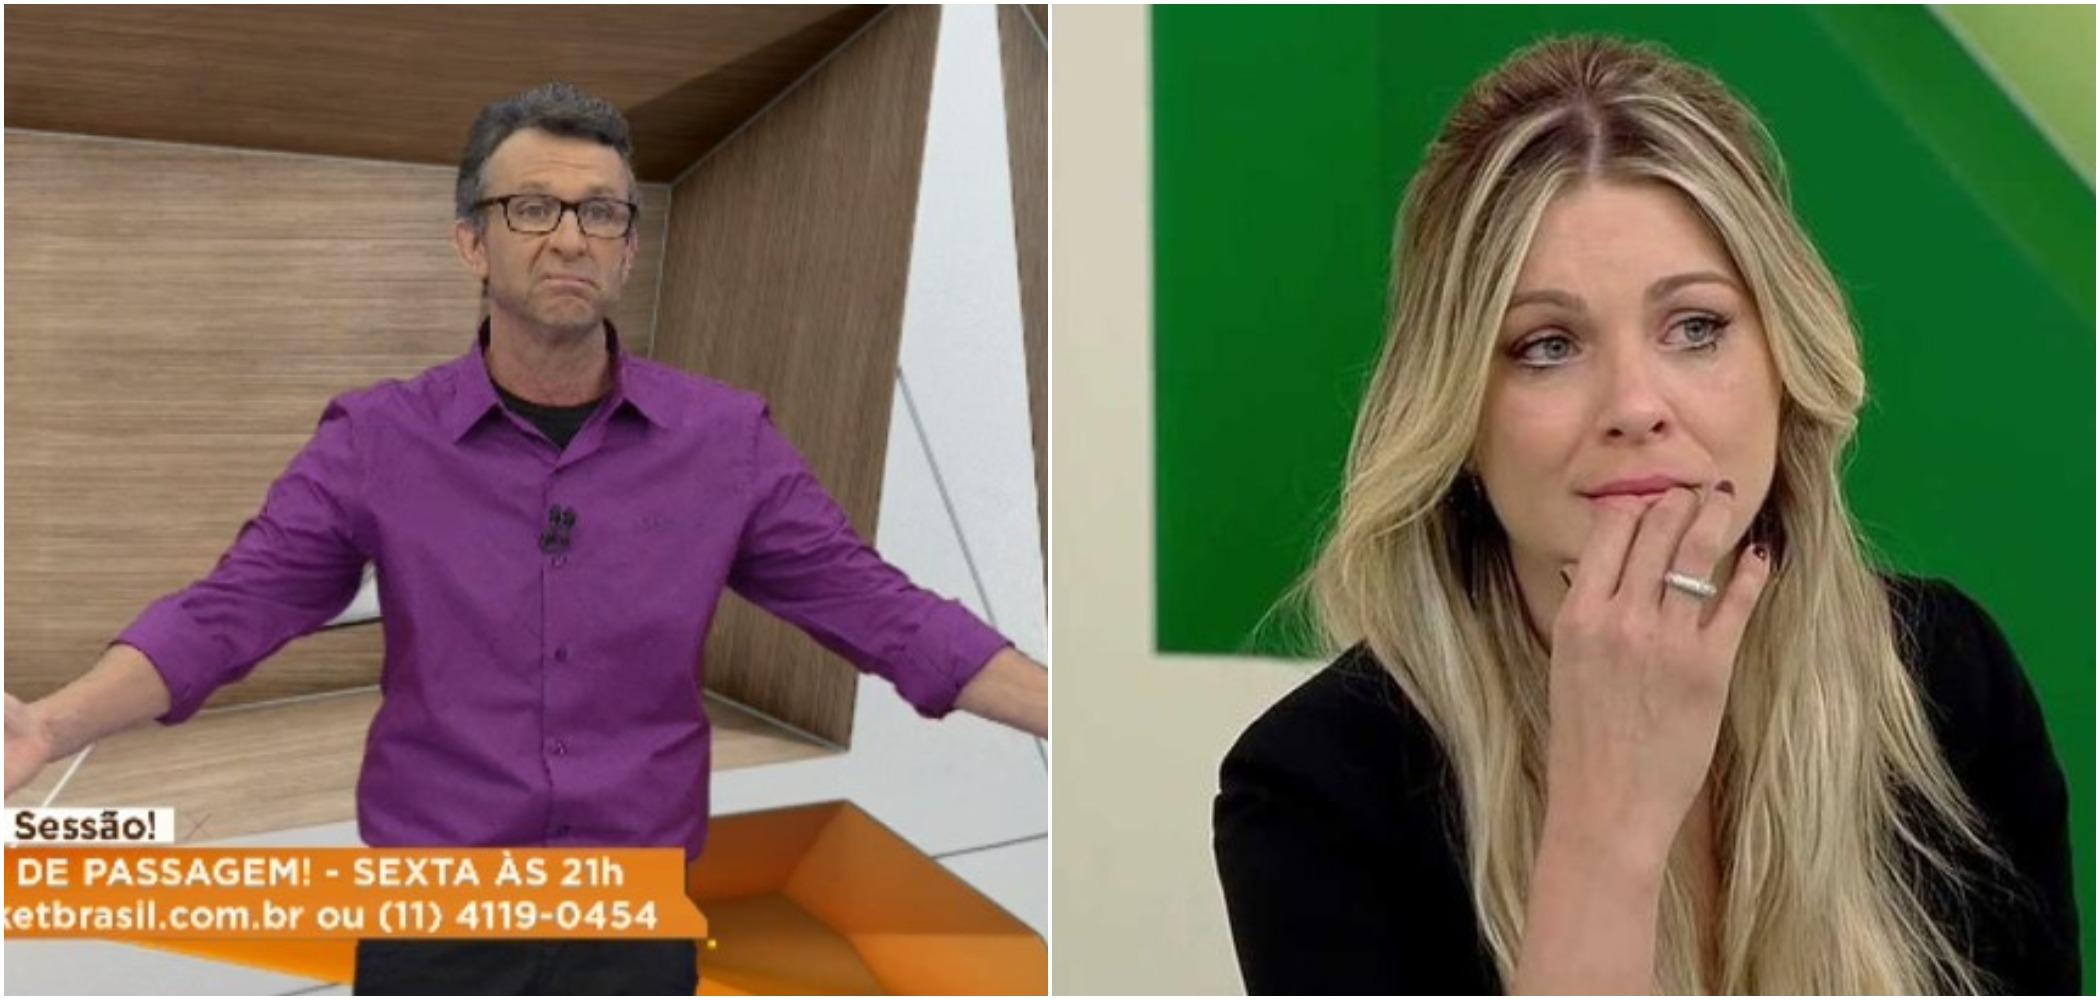 globo Programas de Renata Fan e Neto despencaram na audiência (Reprodução)